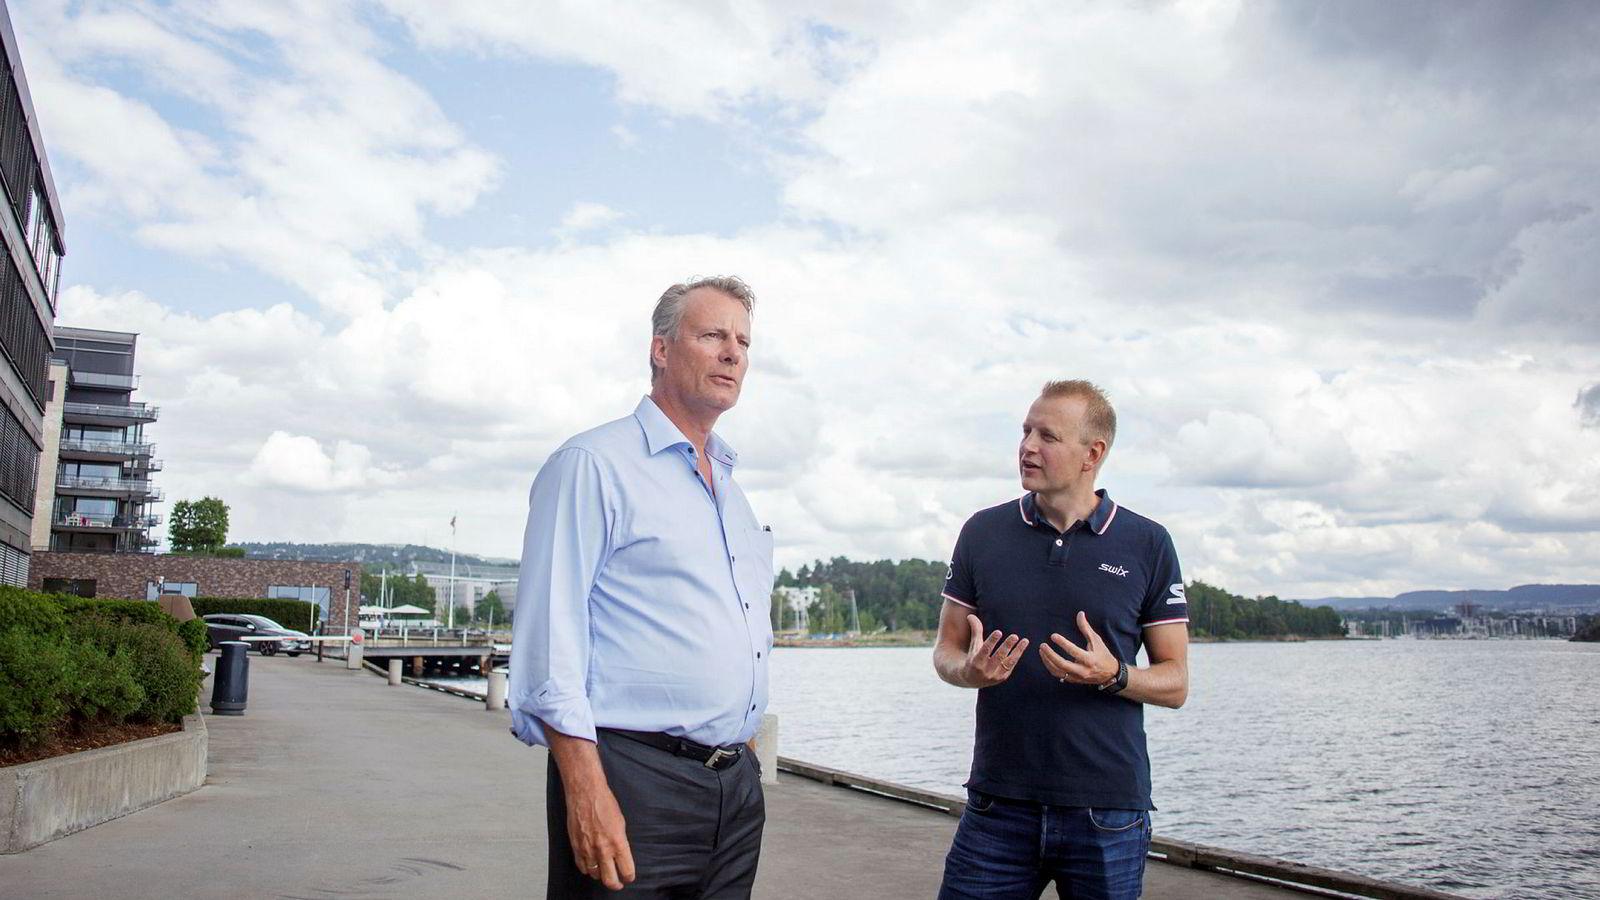 Ferd-eier Johan H. Andresen sammen med avtroppende Swix-sjef Tomas Holmestad (t.h.).